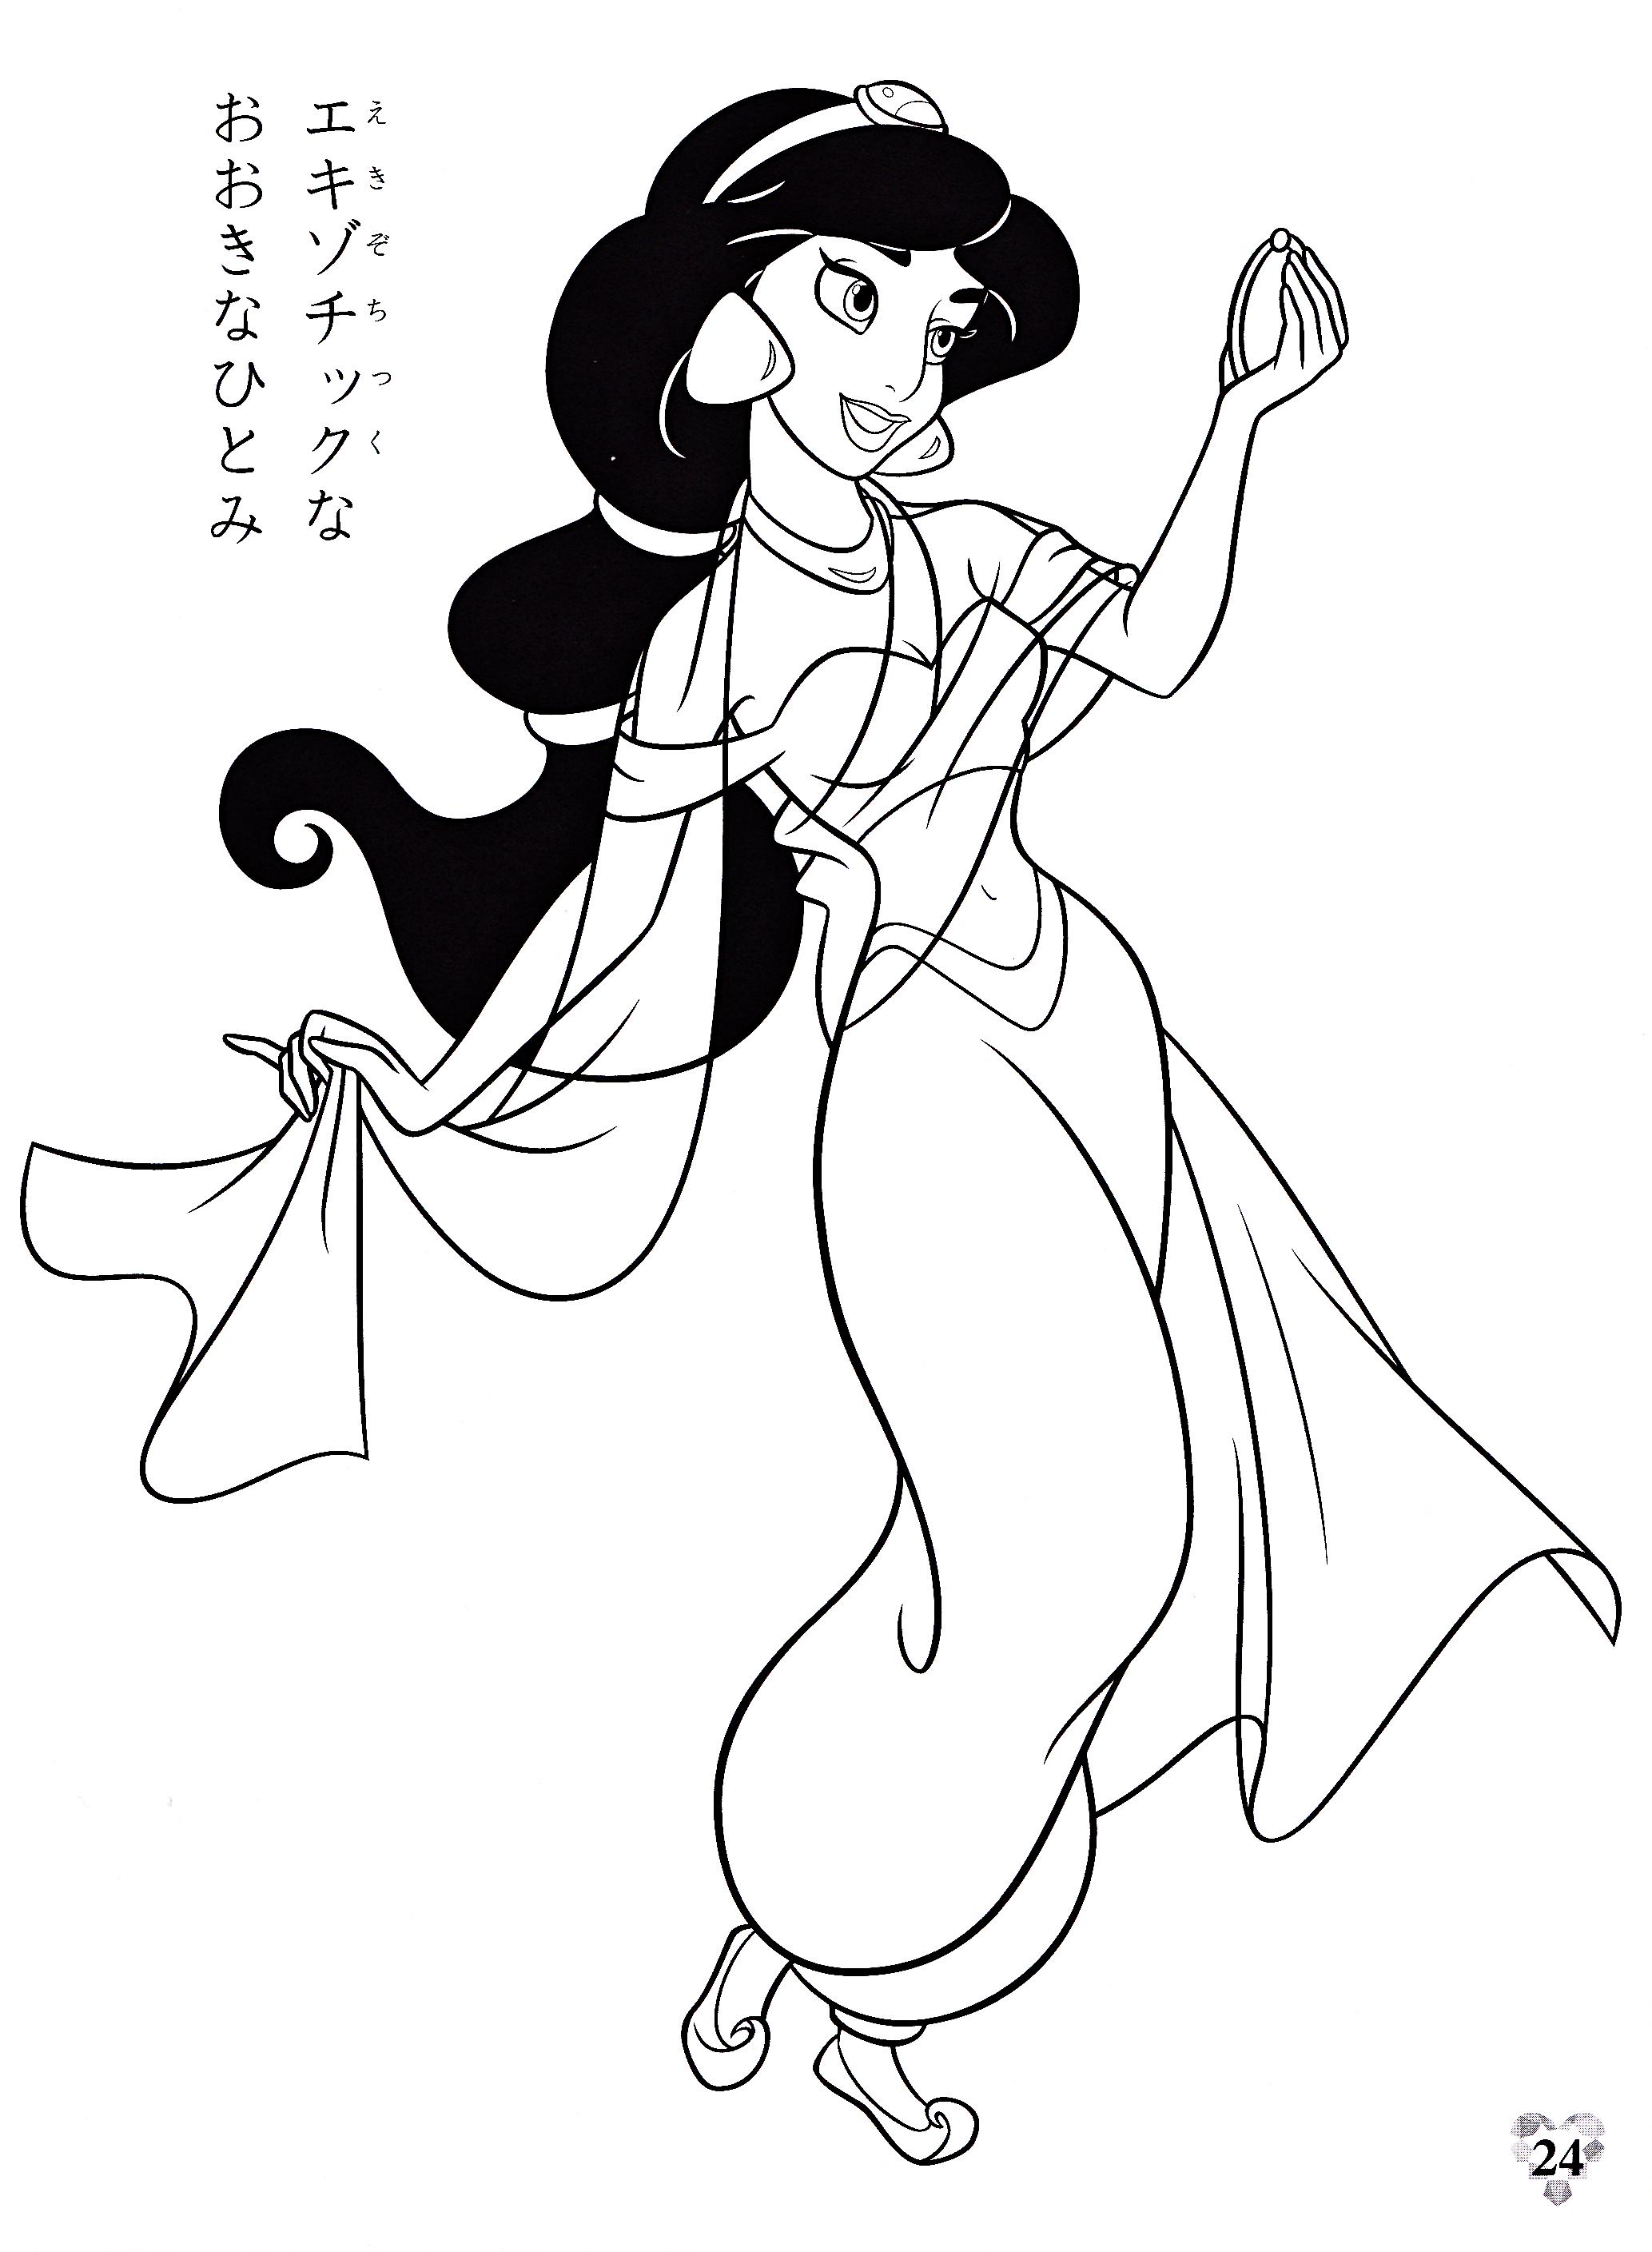 Mga Tauhan Ng Walt Disney Images Coloring Pages